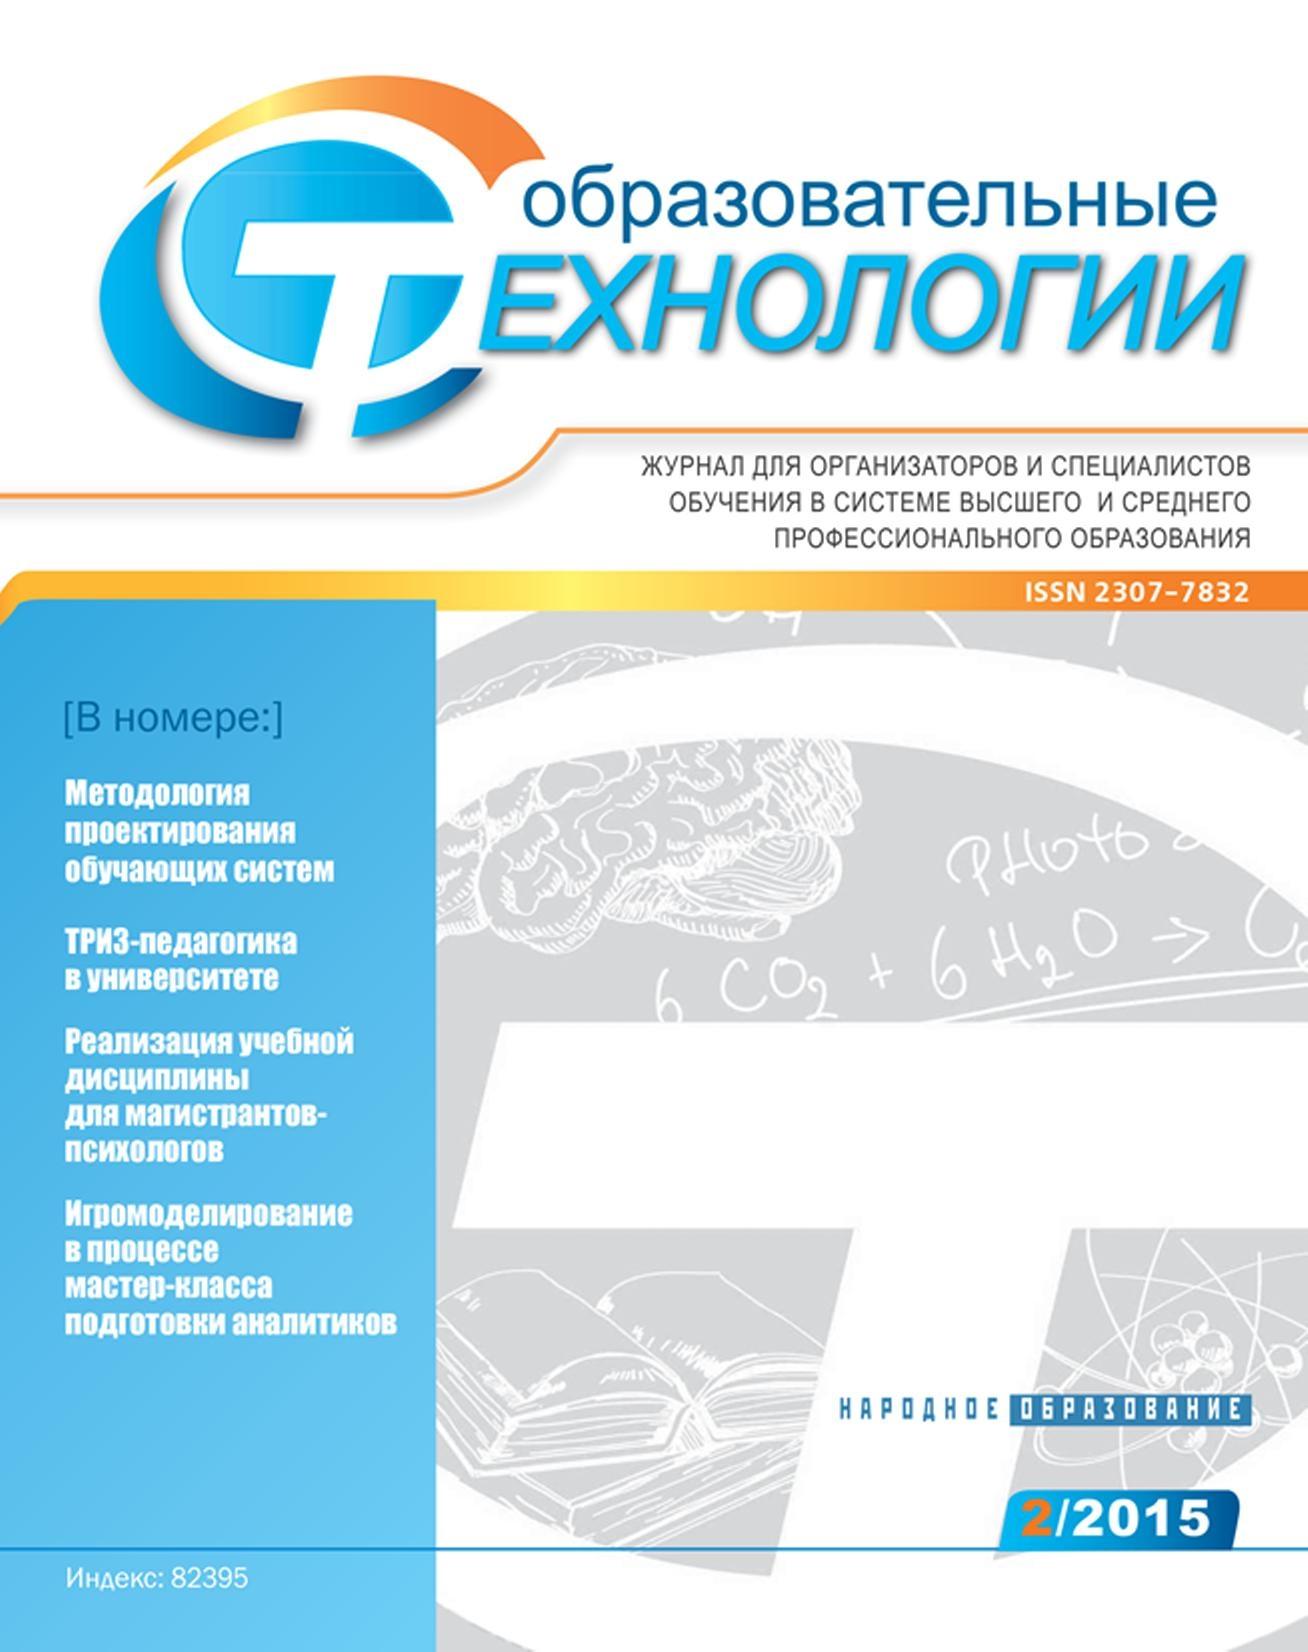 Опубликован №2 журнала «Образовательные технологии» за 2015 г.